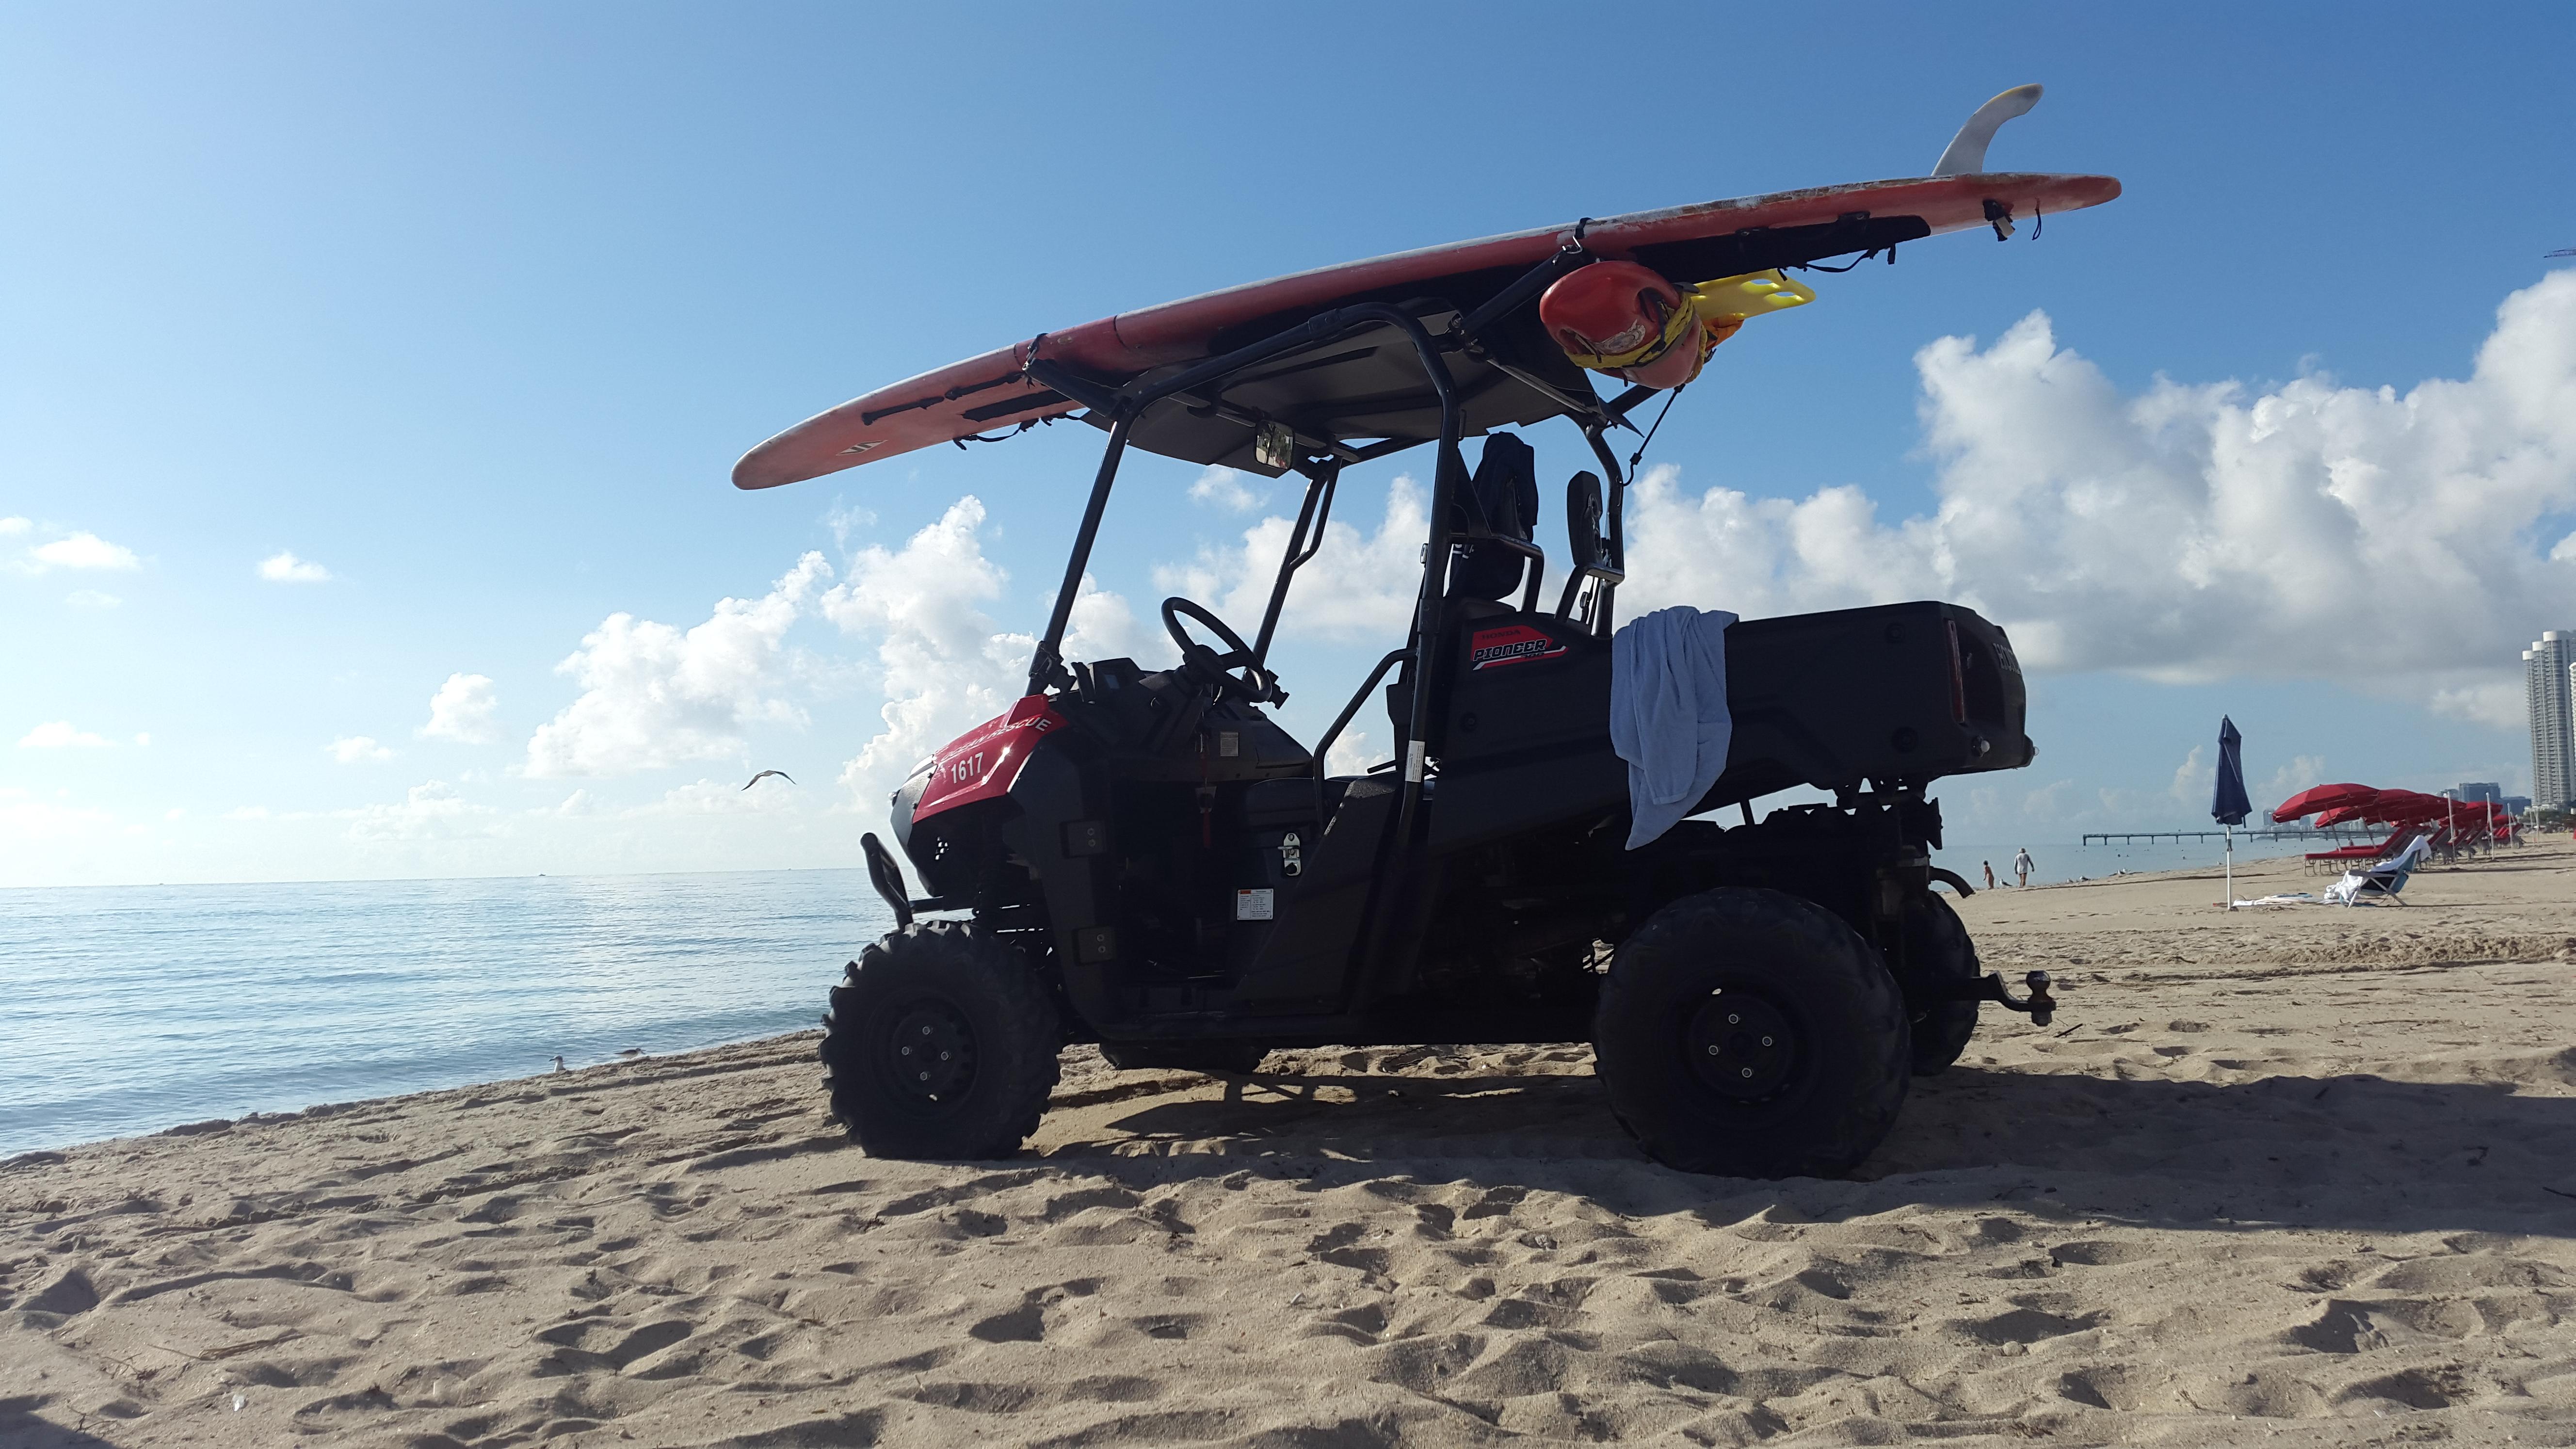 Флаги на пляже: зачем нужны и что означают Флаги на пляже: зачем нужны и что означают 2016 09 16 09